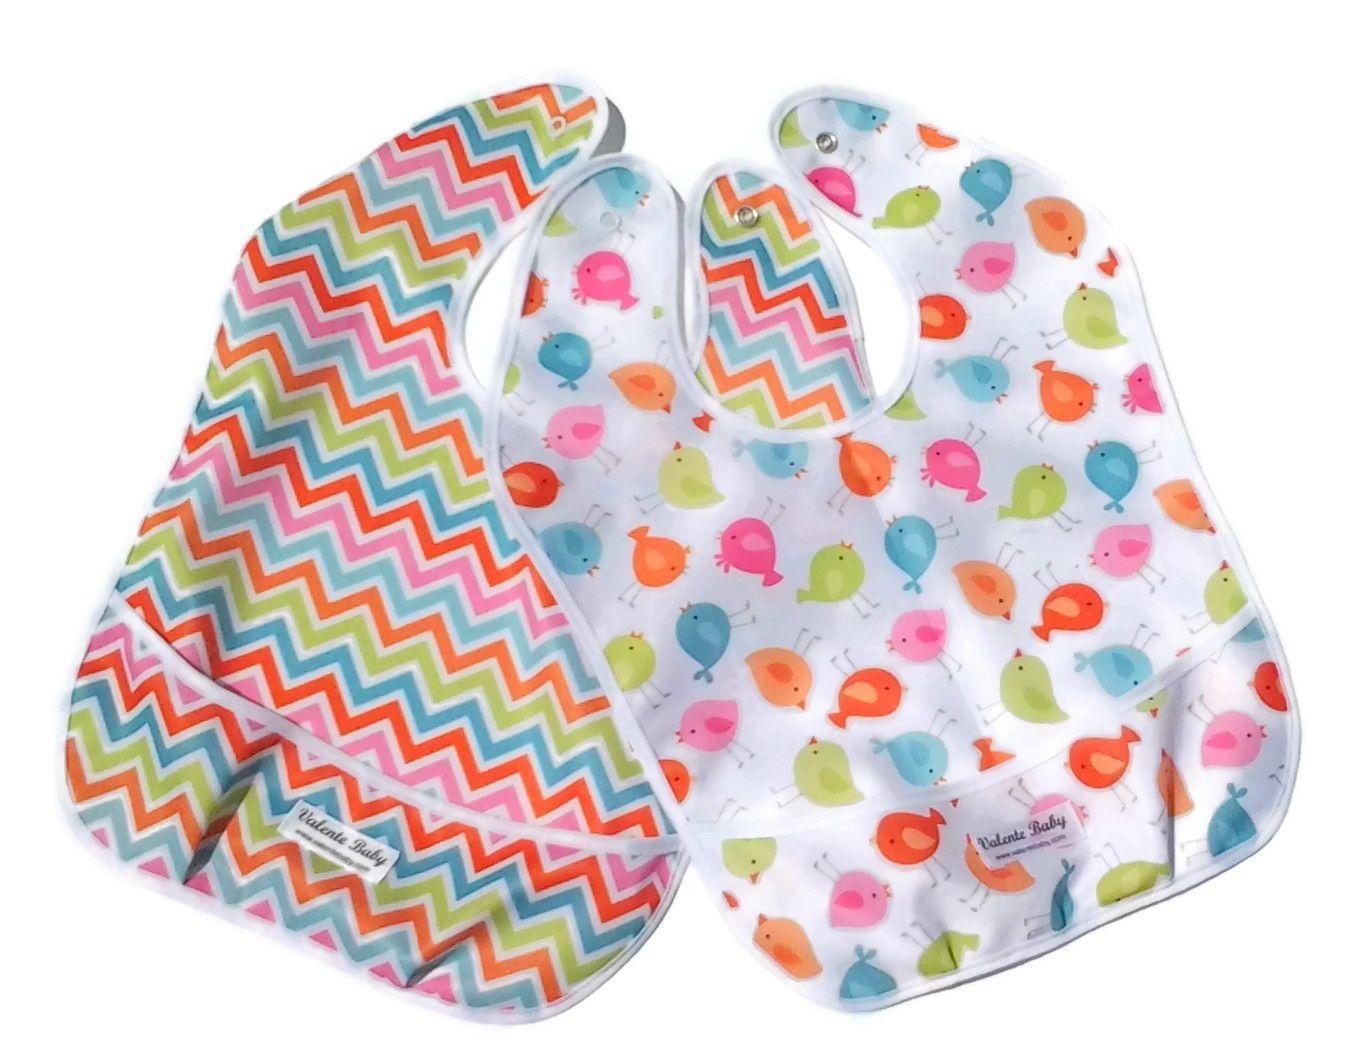 93b1147a778 Chevron Toddler Bib - Bird Toddler Bib - Baby Bib - Bib Set - Water  Resistant Bib - Bib with Pocket - Snap Bib - Feeding VB0017